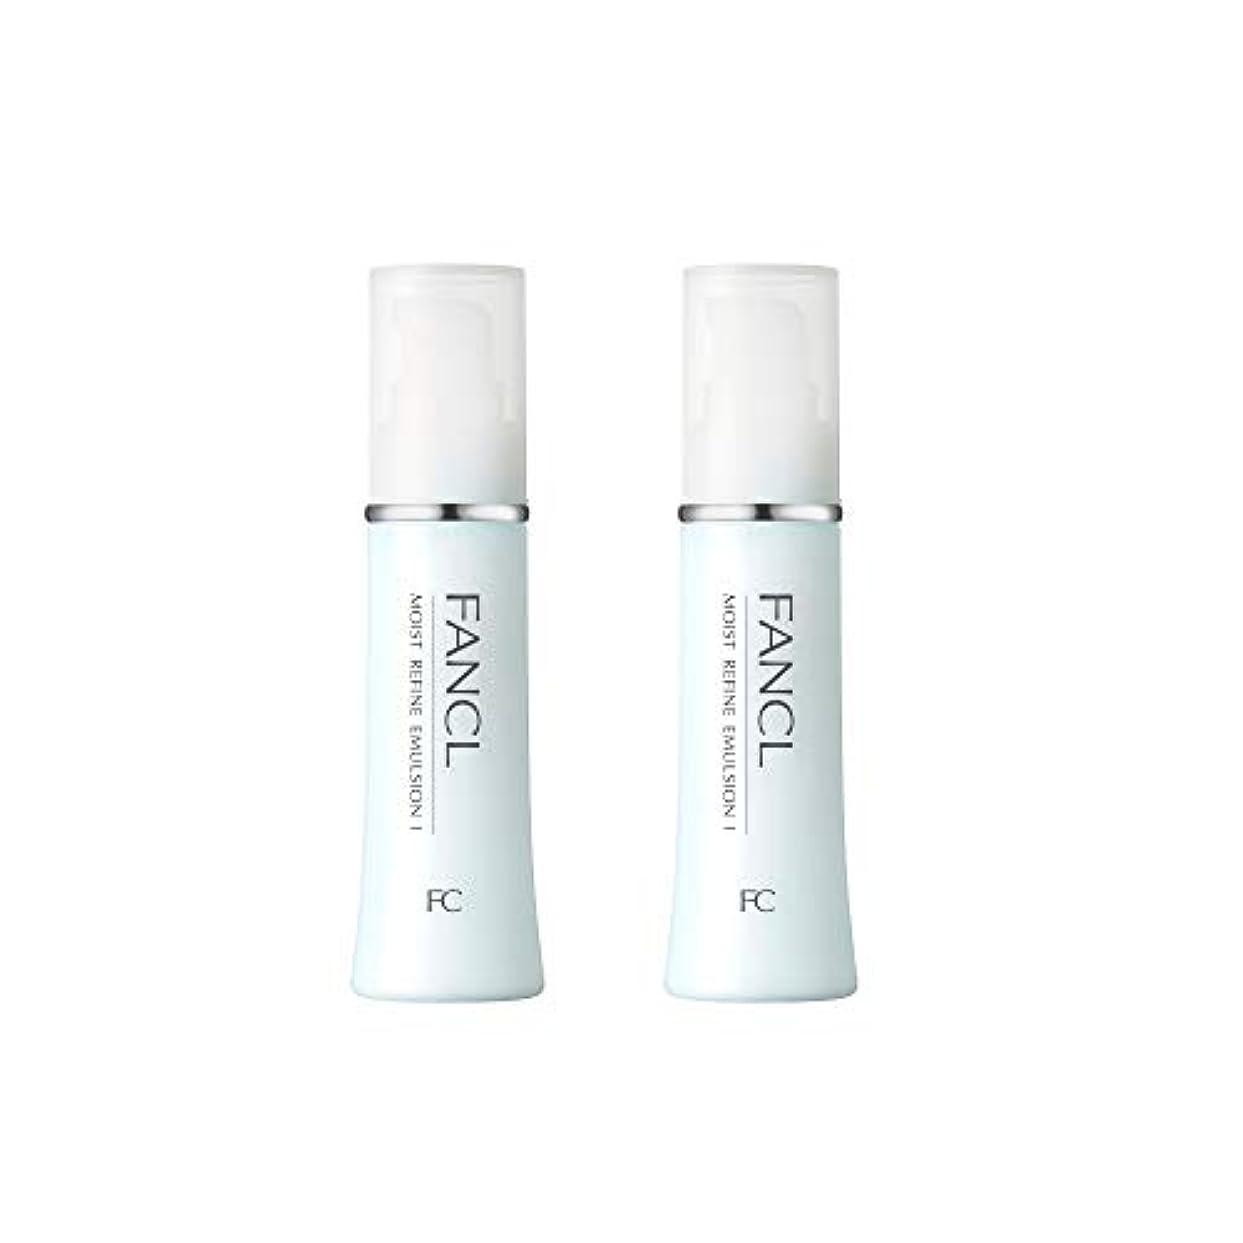 提供先例頑張るファンケル (FANCL) モイストリファイン 乳液I さっぱり 2本セット 30mL×2 (約60日分)